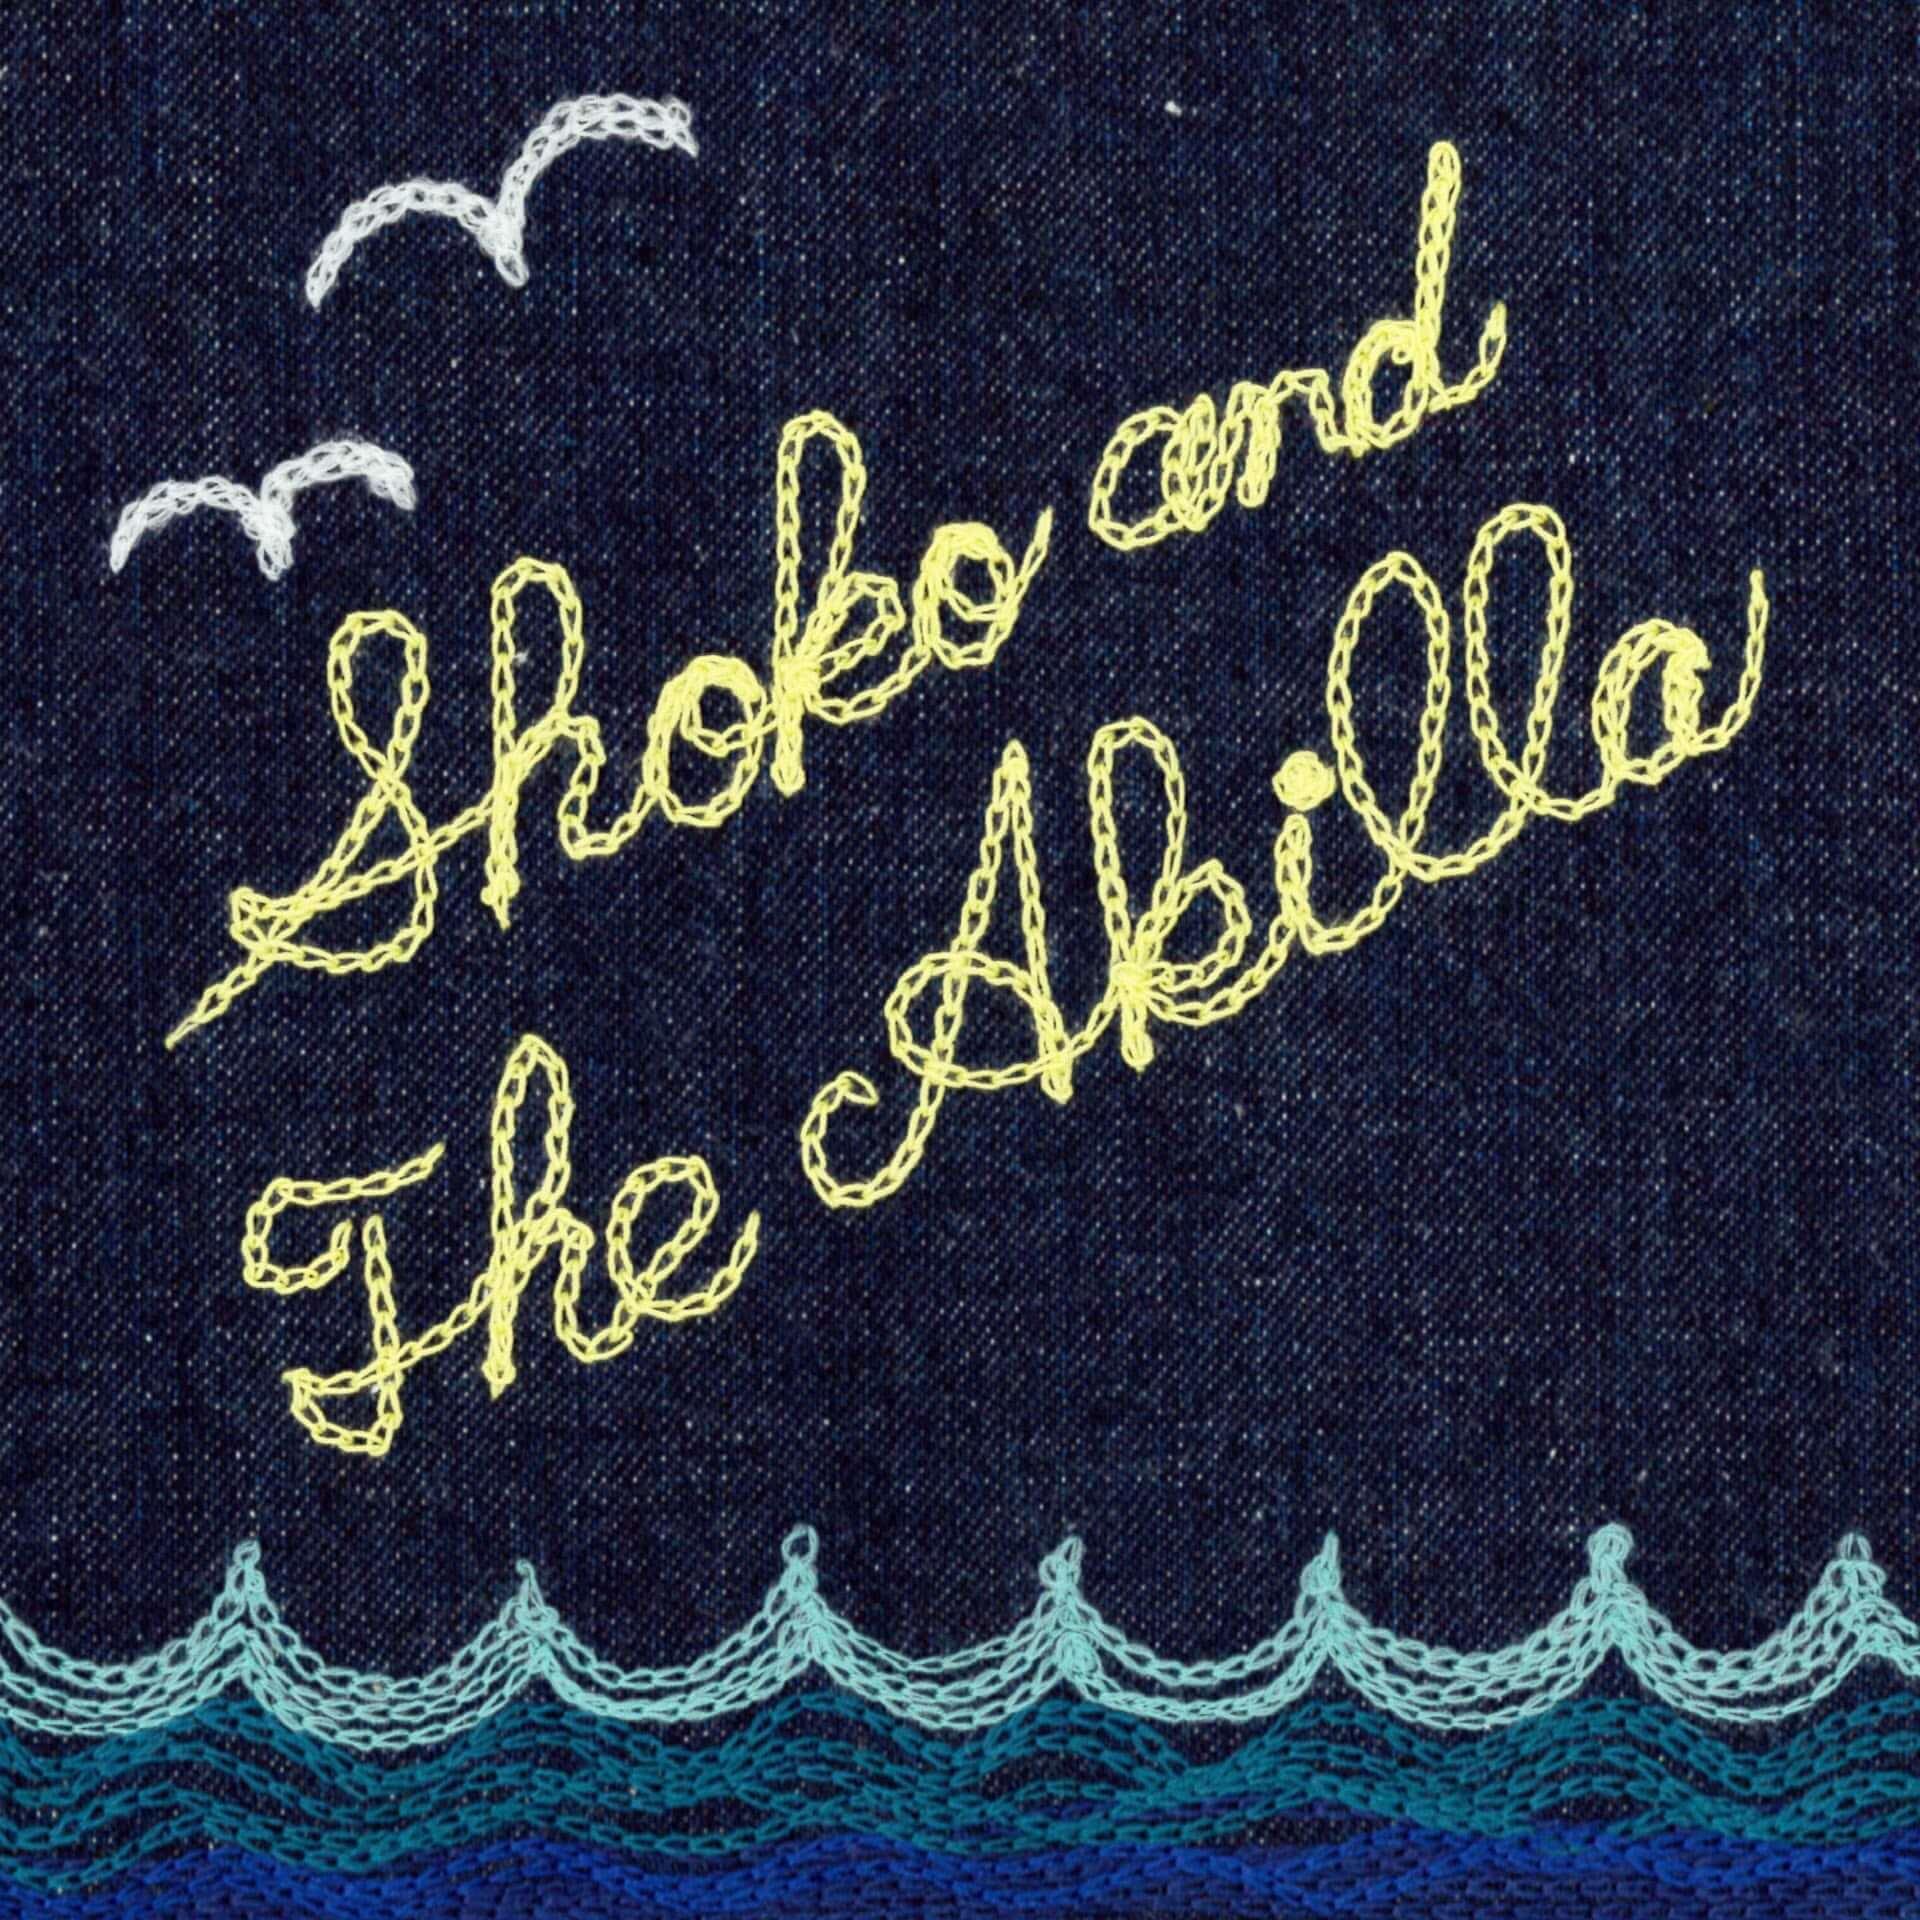 湘南発オーセンテックデュオ・Shoko & The Akillaの1stアルバムがリリース決定 思い出野郎Aチーム、SANABAGUN.のメンバーも参加 music200625_shoko_theakilla_1-1920x1920